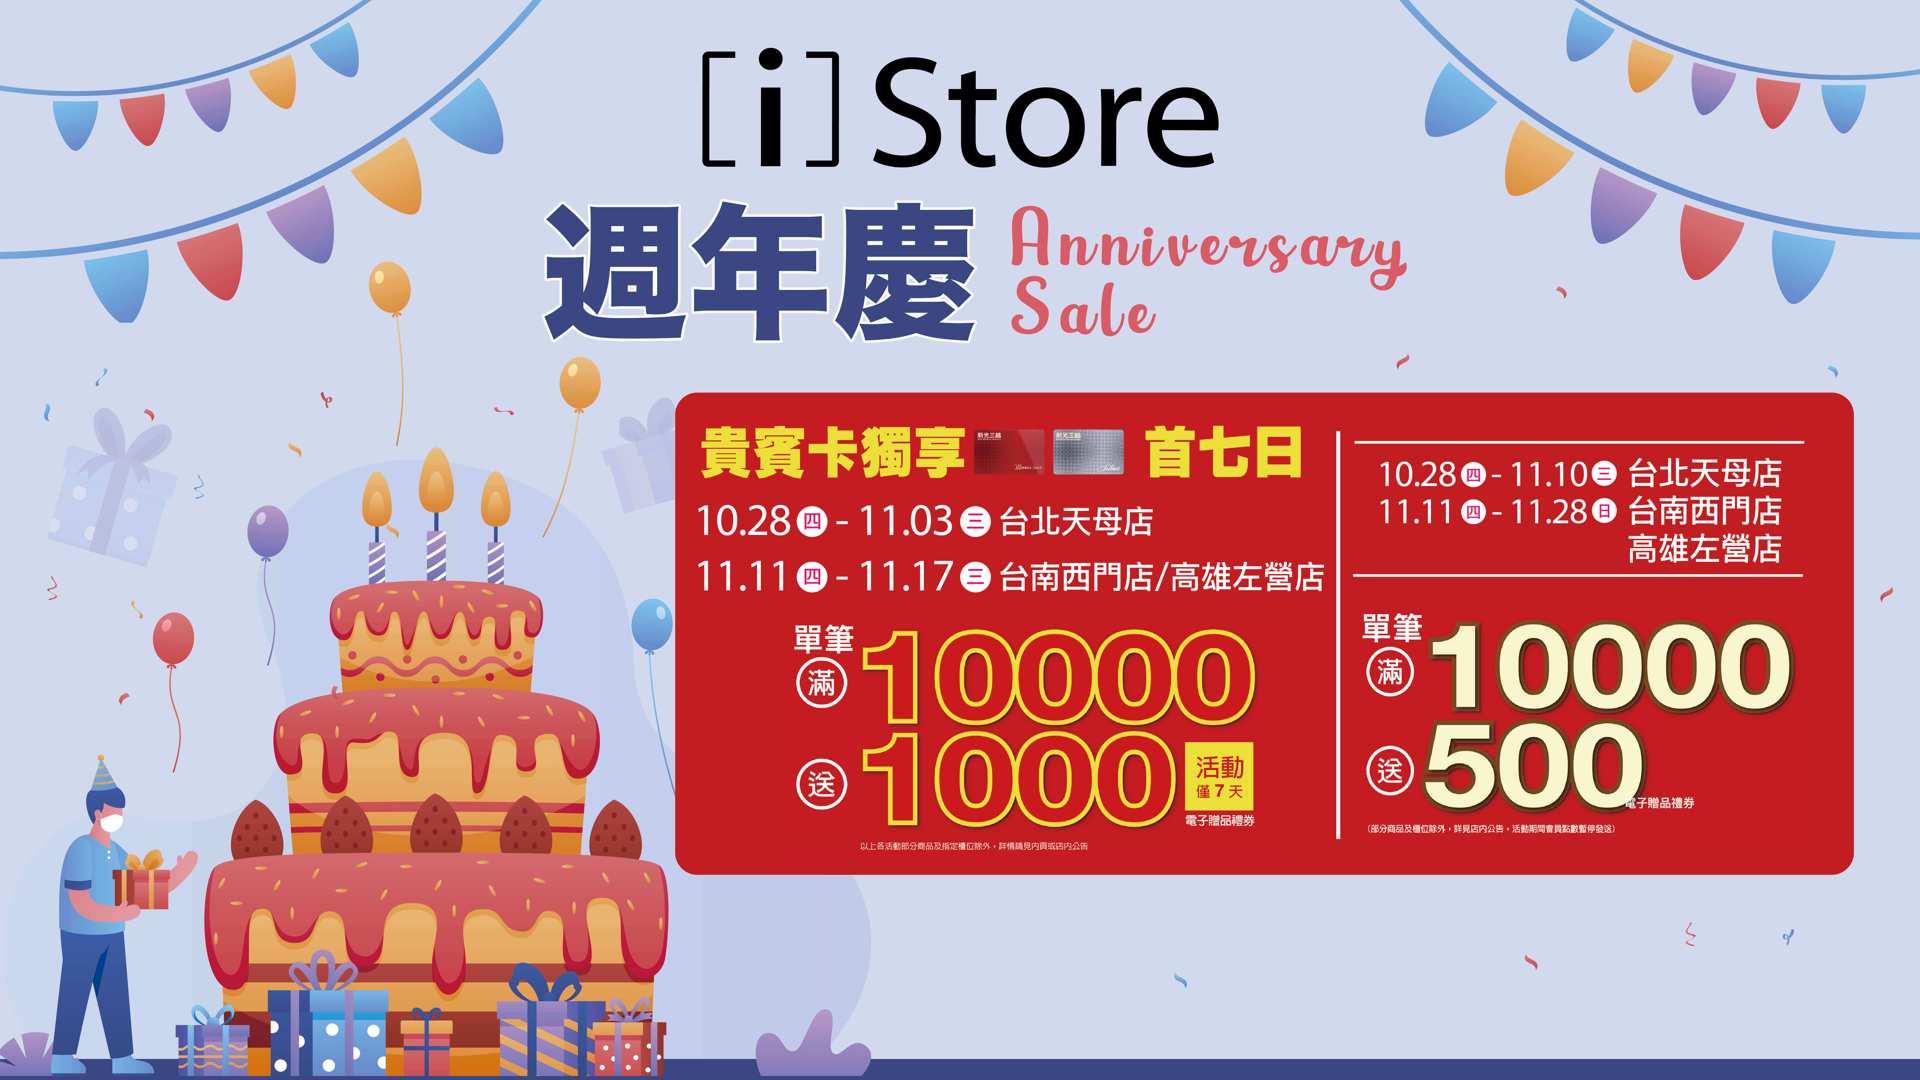 新光門市週年慶【第三波】滿 10,000 送 1,000 持續熱燒中